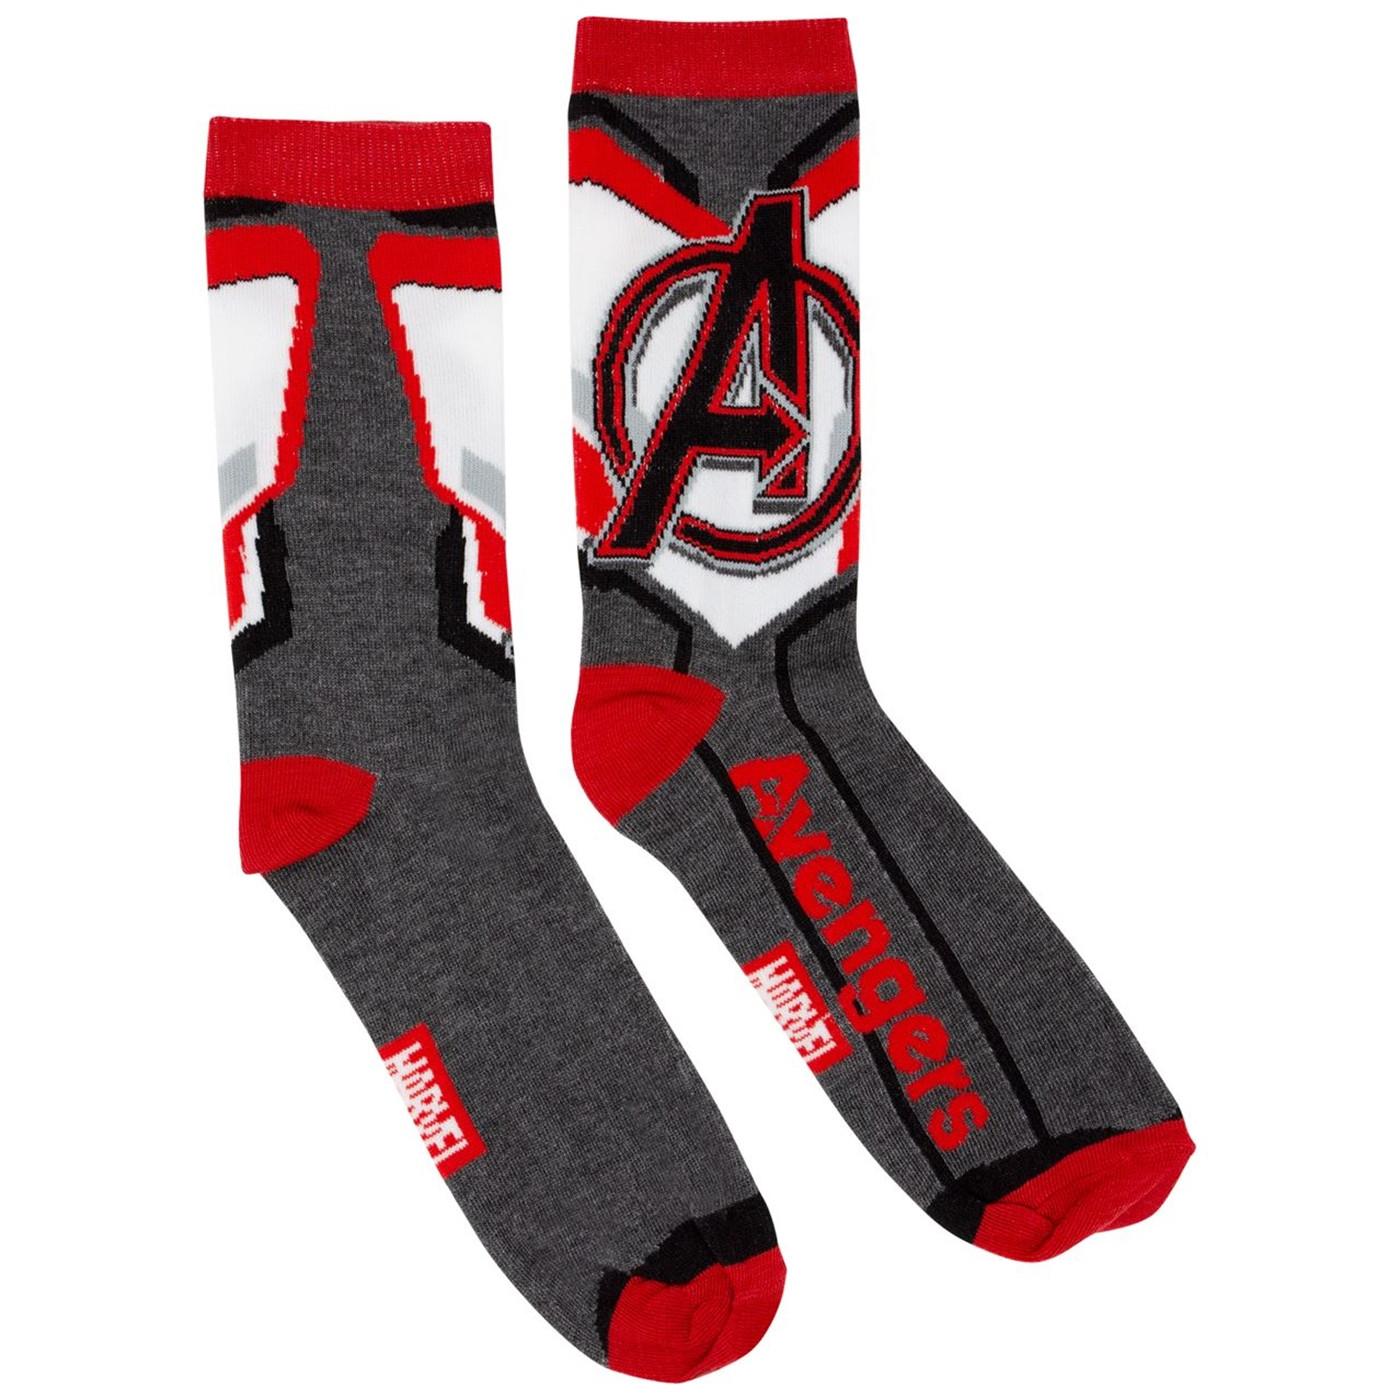 Avengers Endgame Quantum Realm Suit Costume Men's Crew Socks